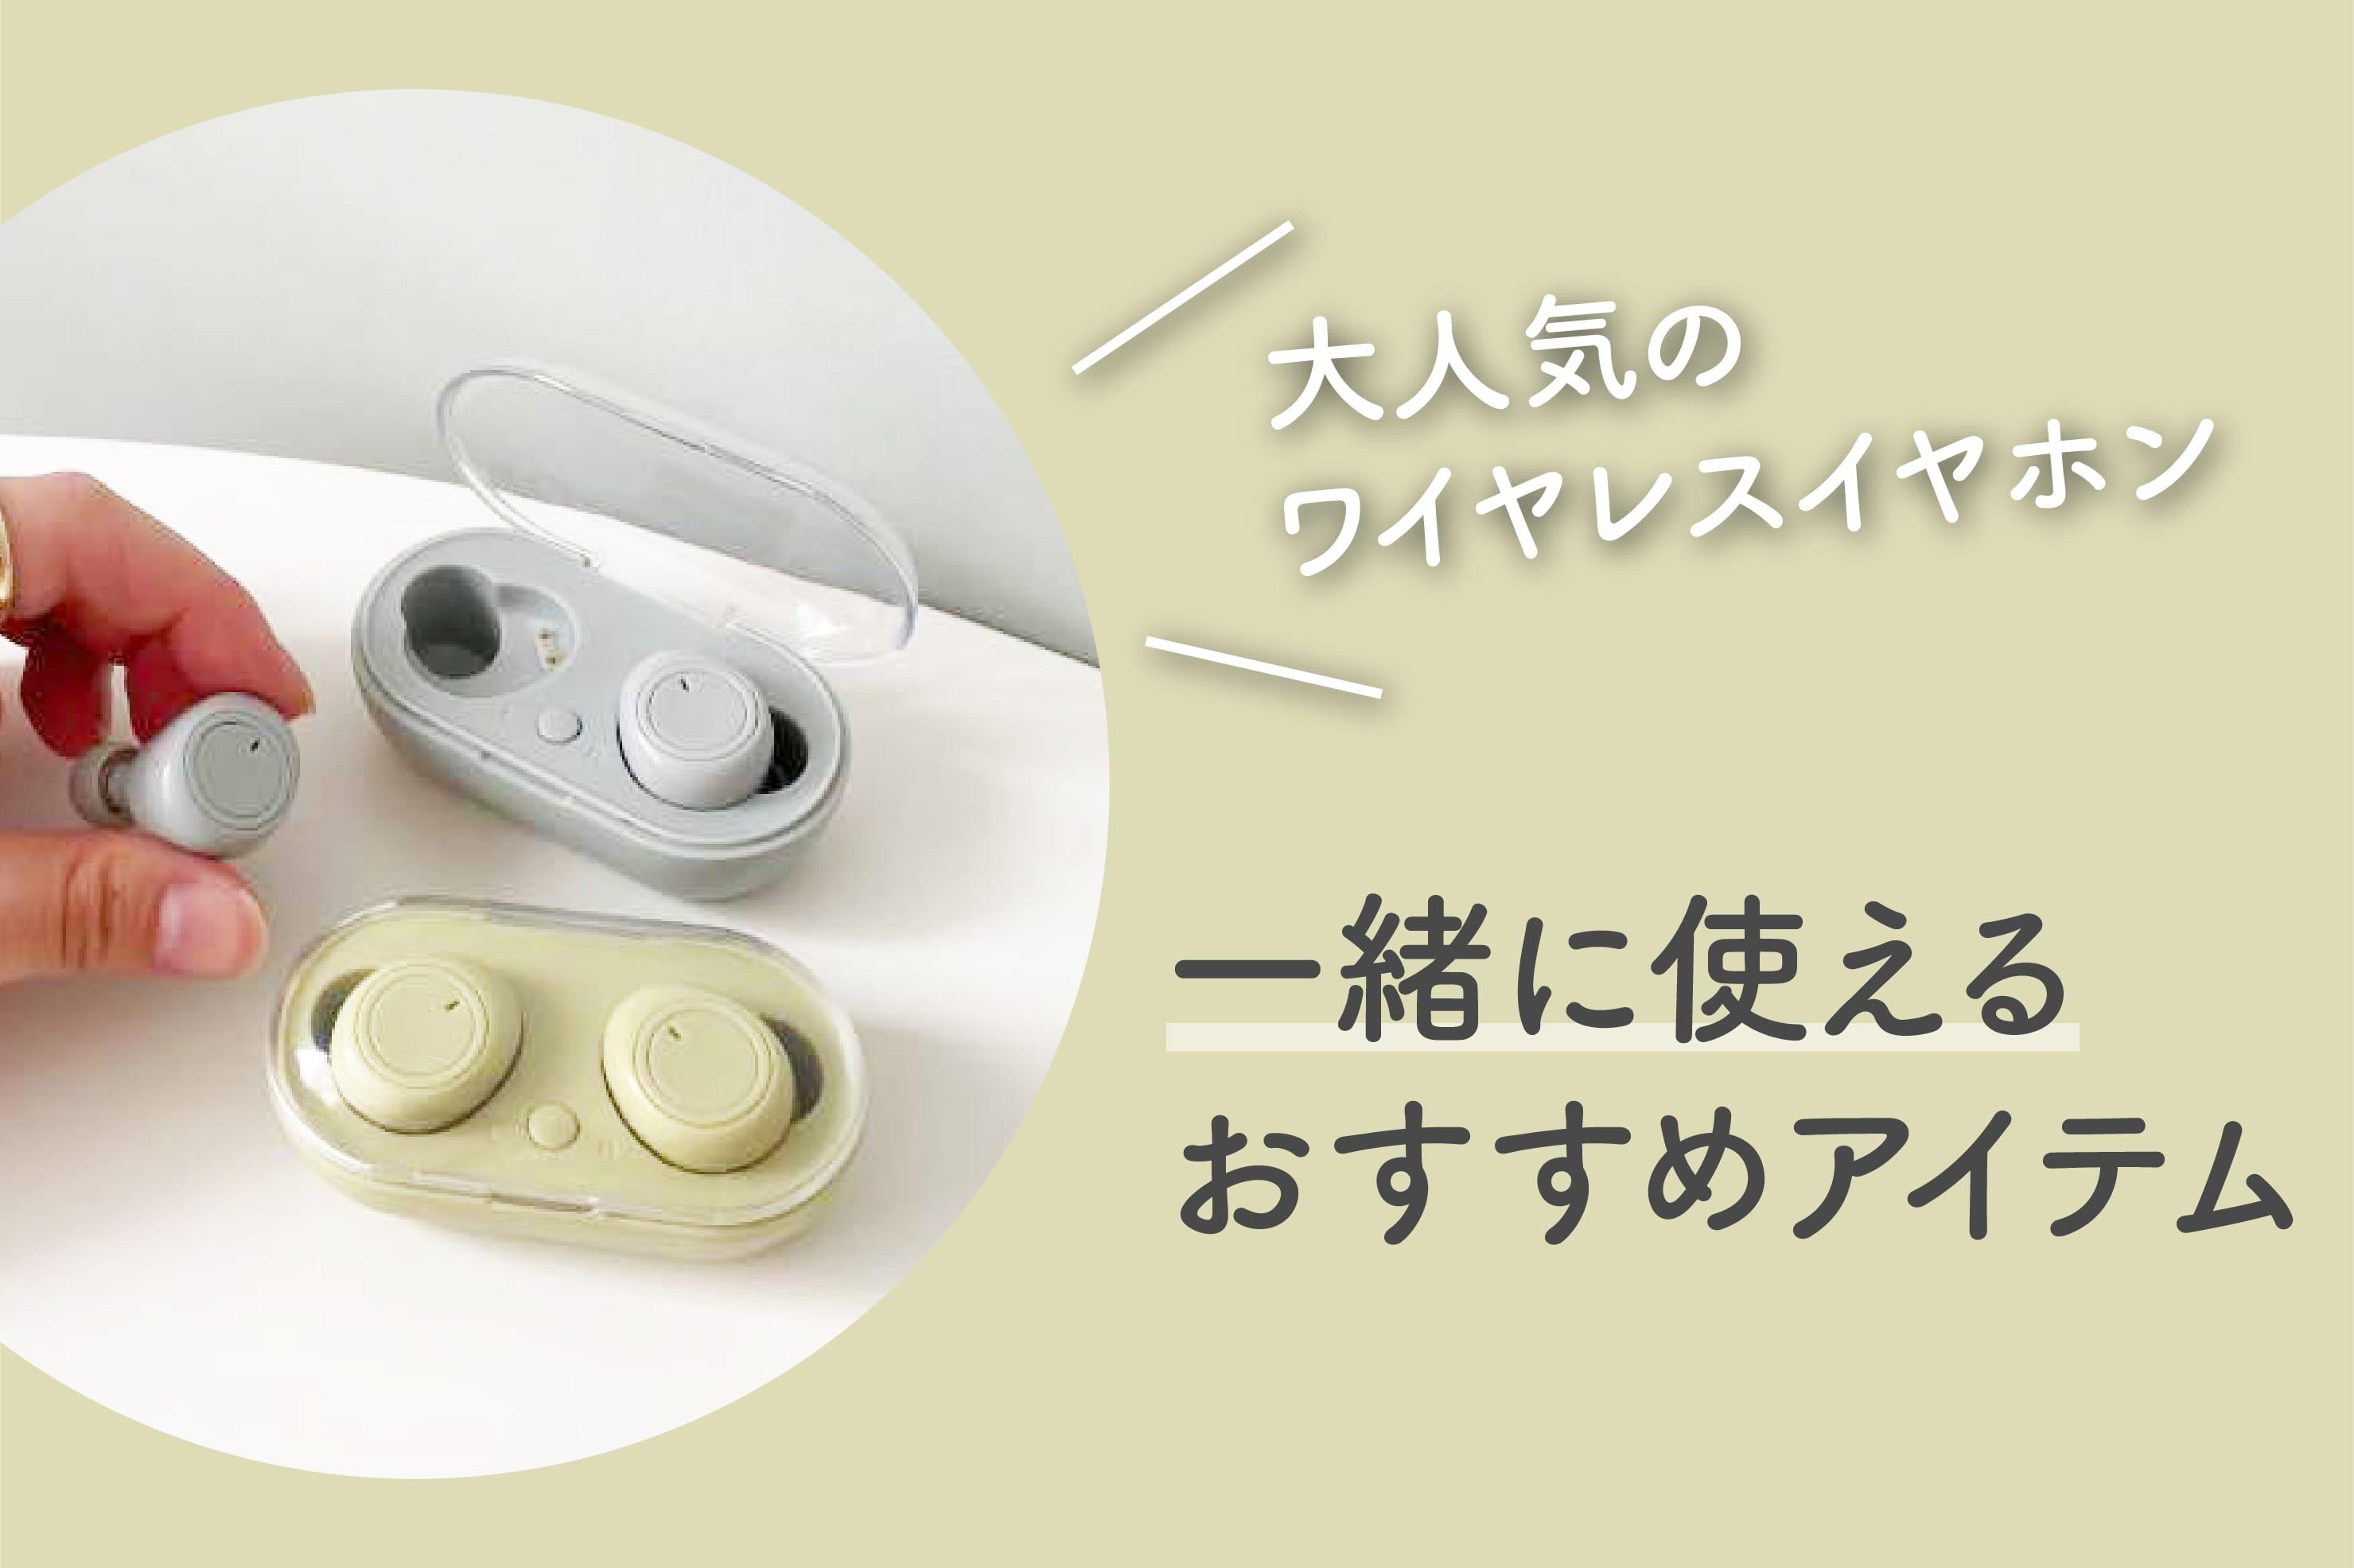 ASOKO 大人気のワイヤレスイヤホンにプラスワン!